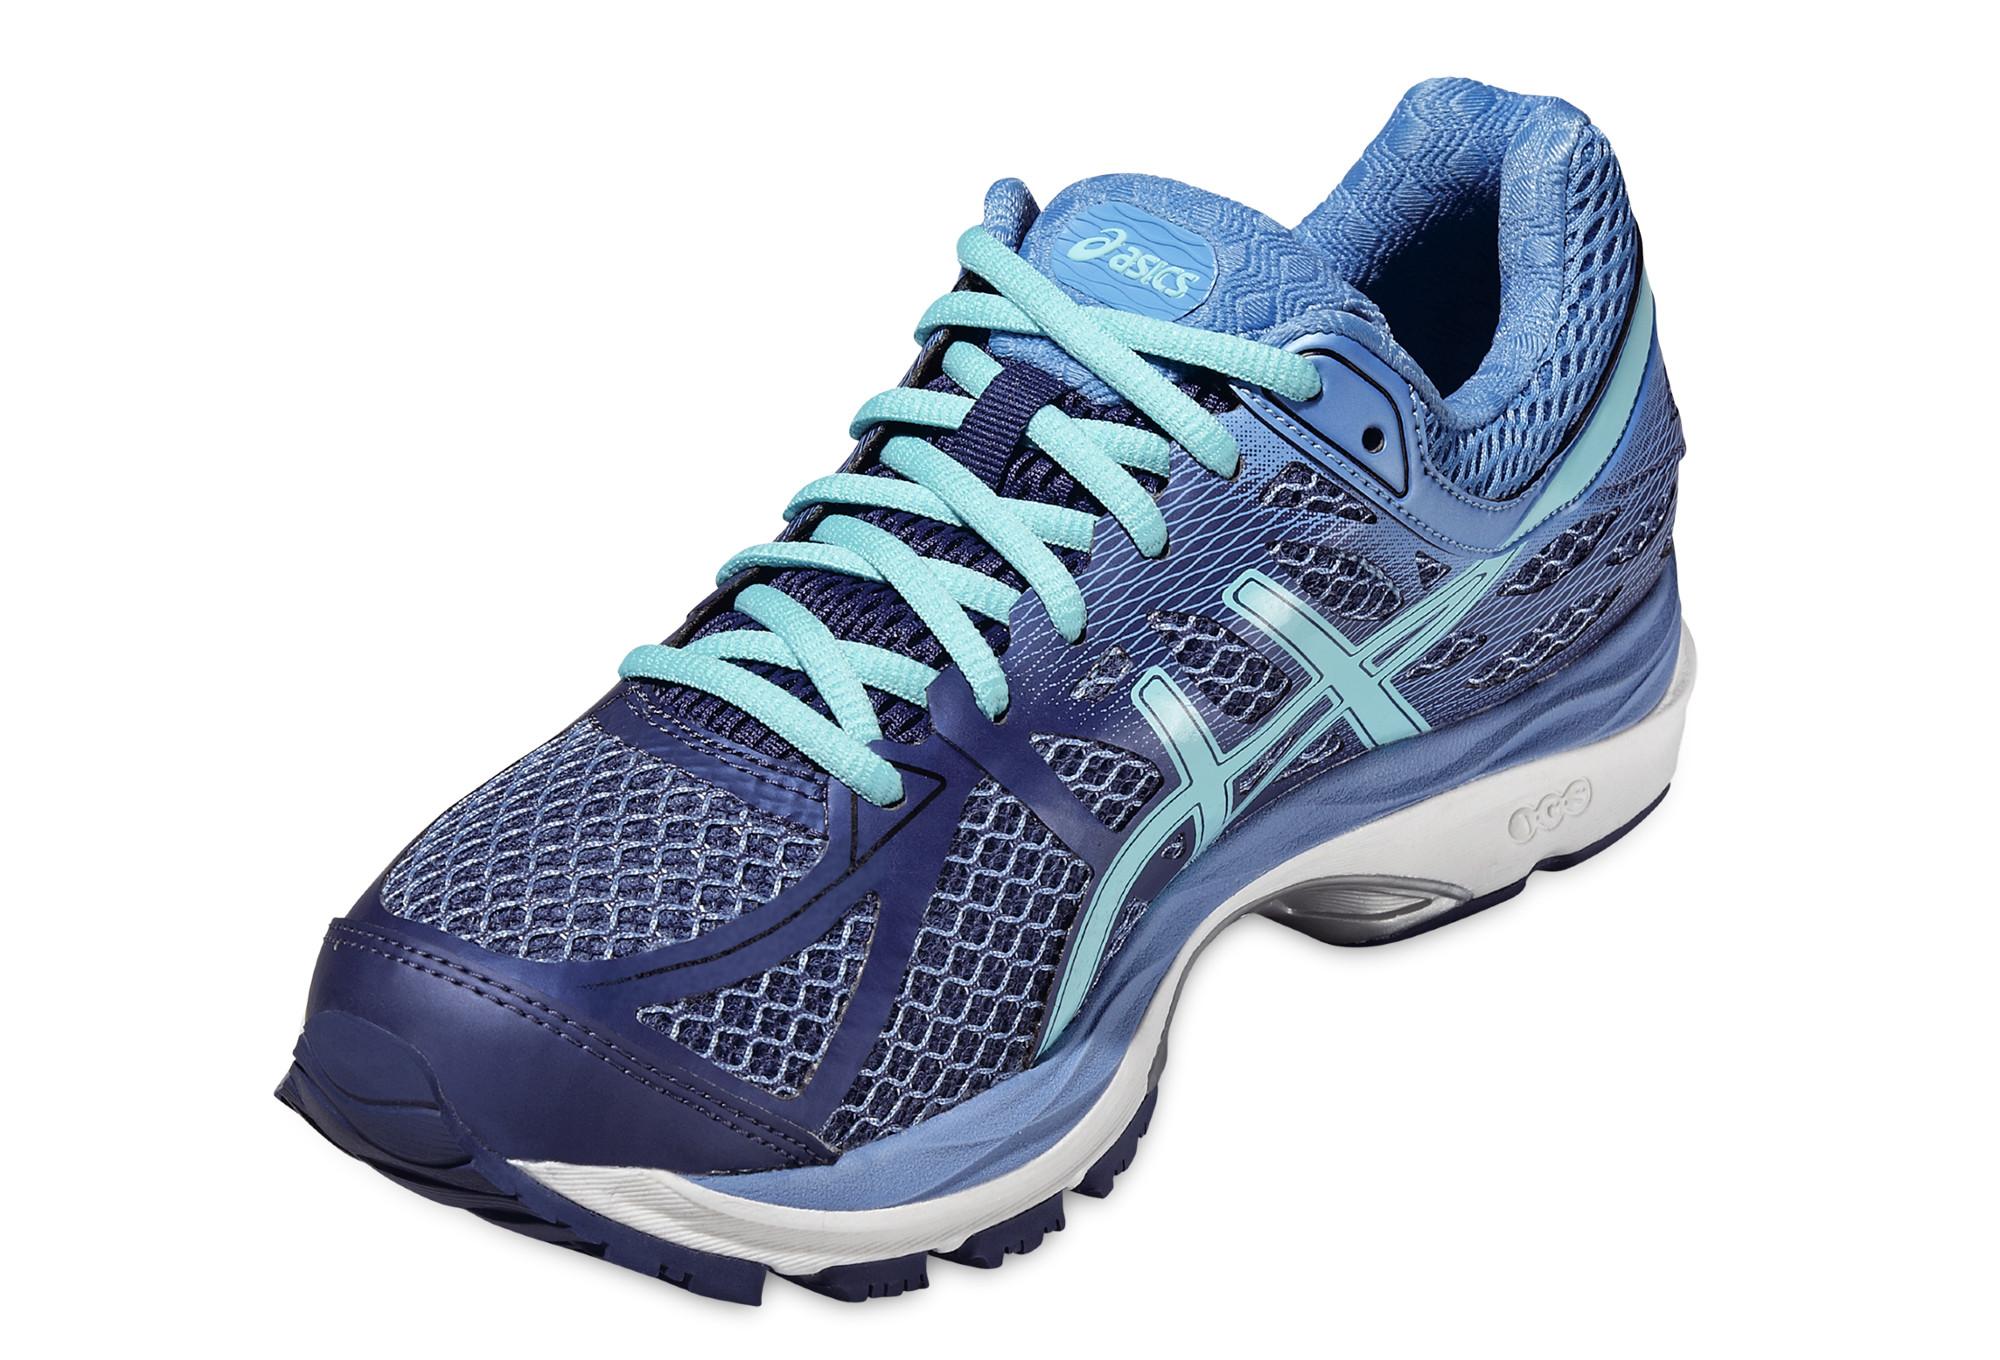 b78c92e6031 Zapatillas Asics CUMULUS 17 para Mujer Púrpura   Azul